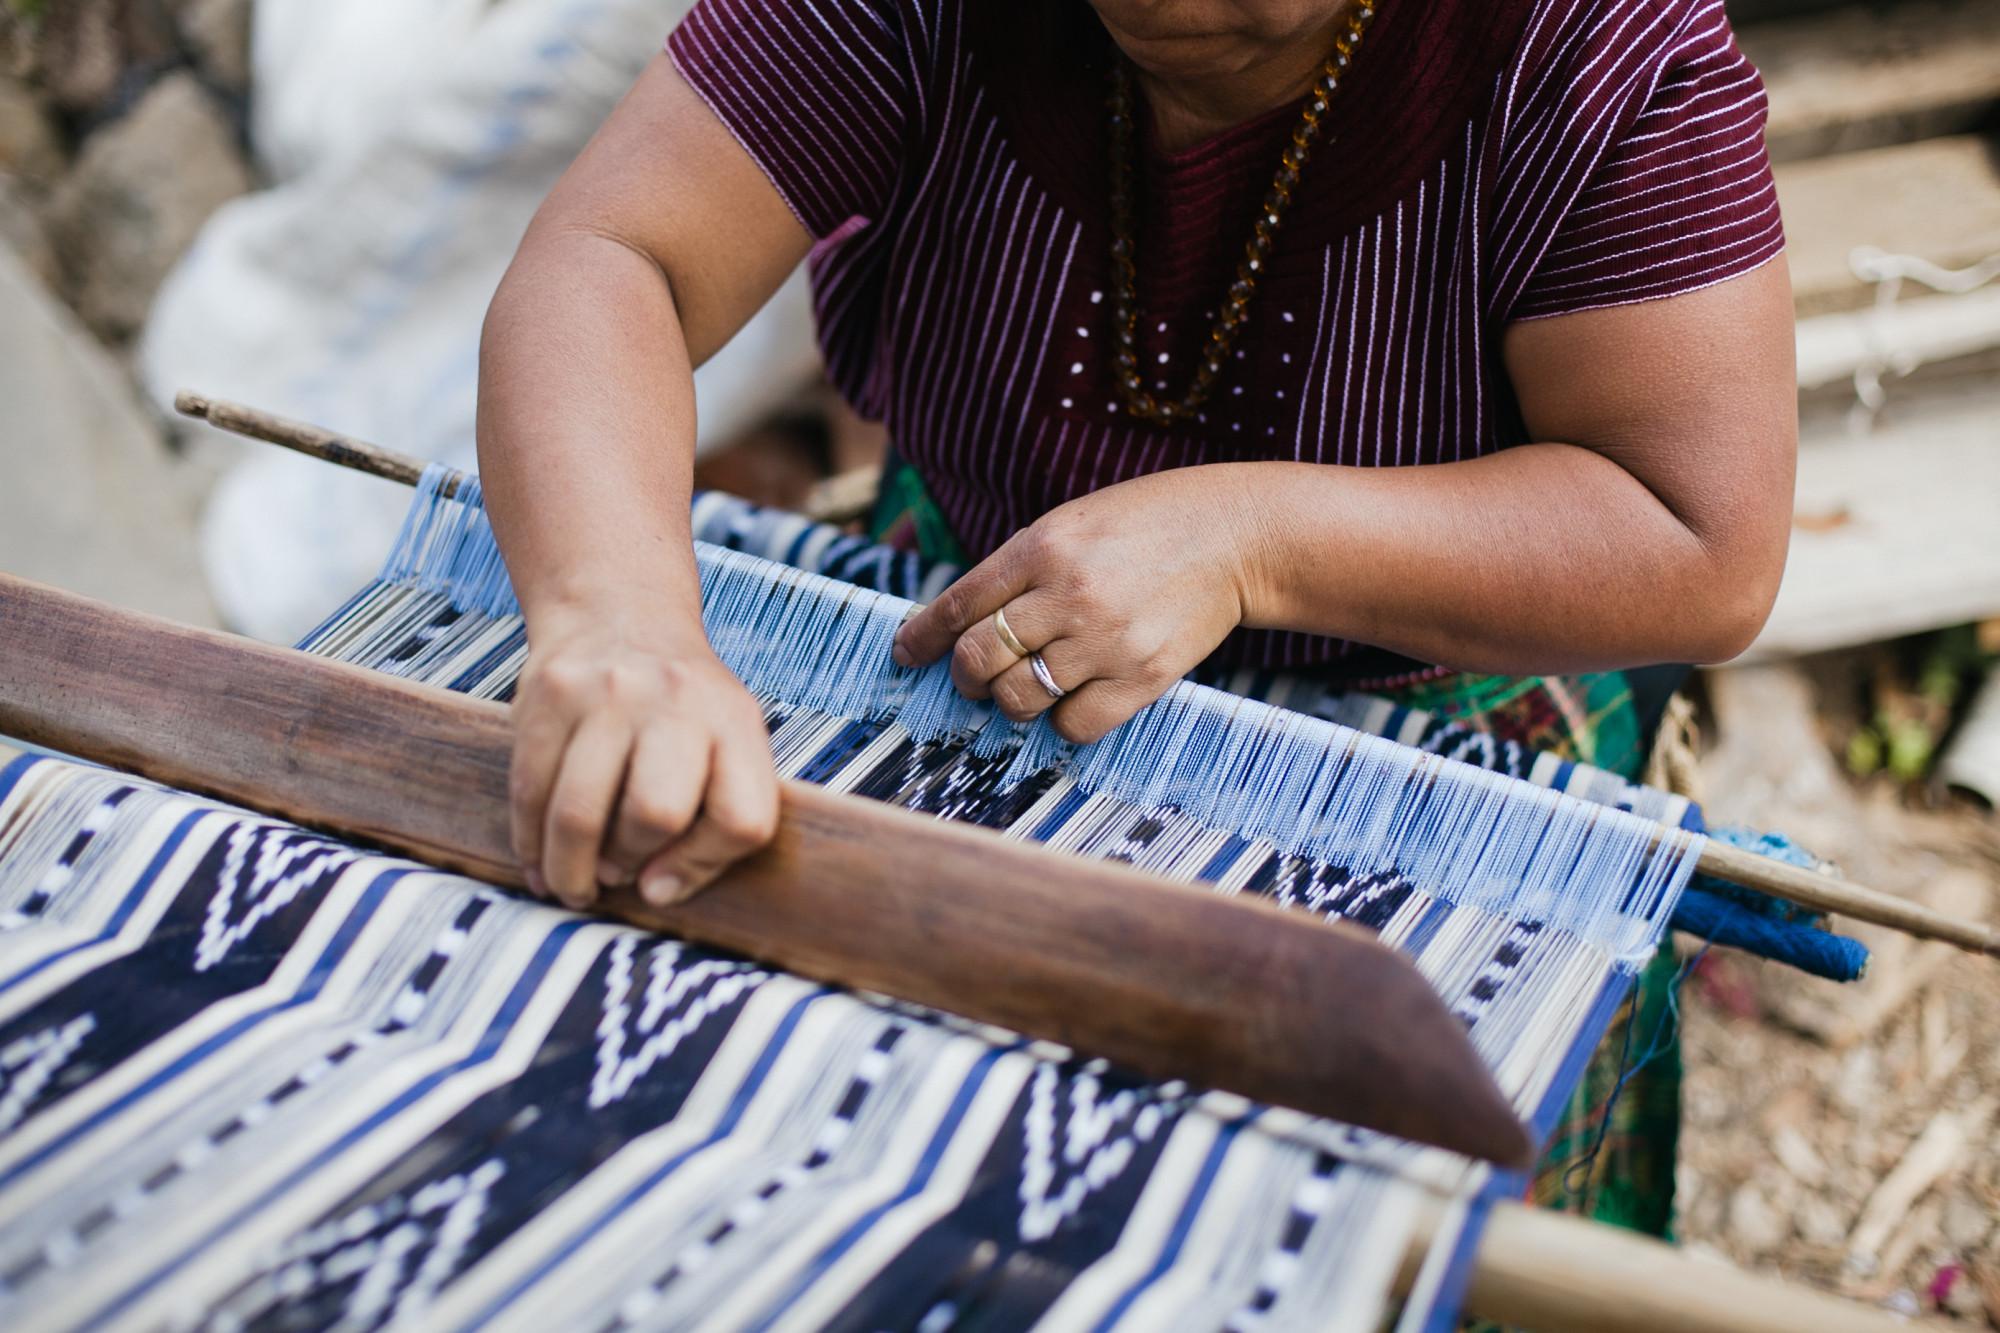 Weaver on Loom3